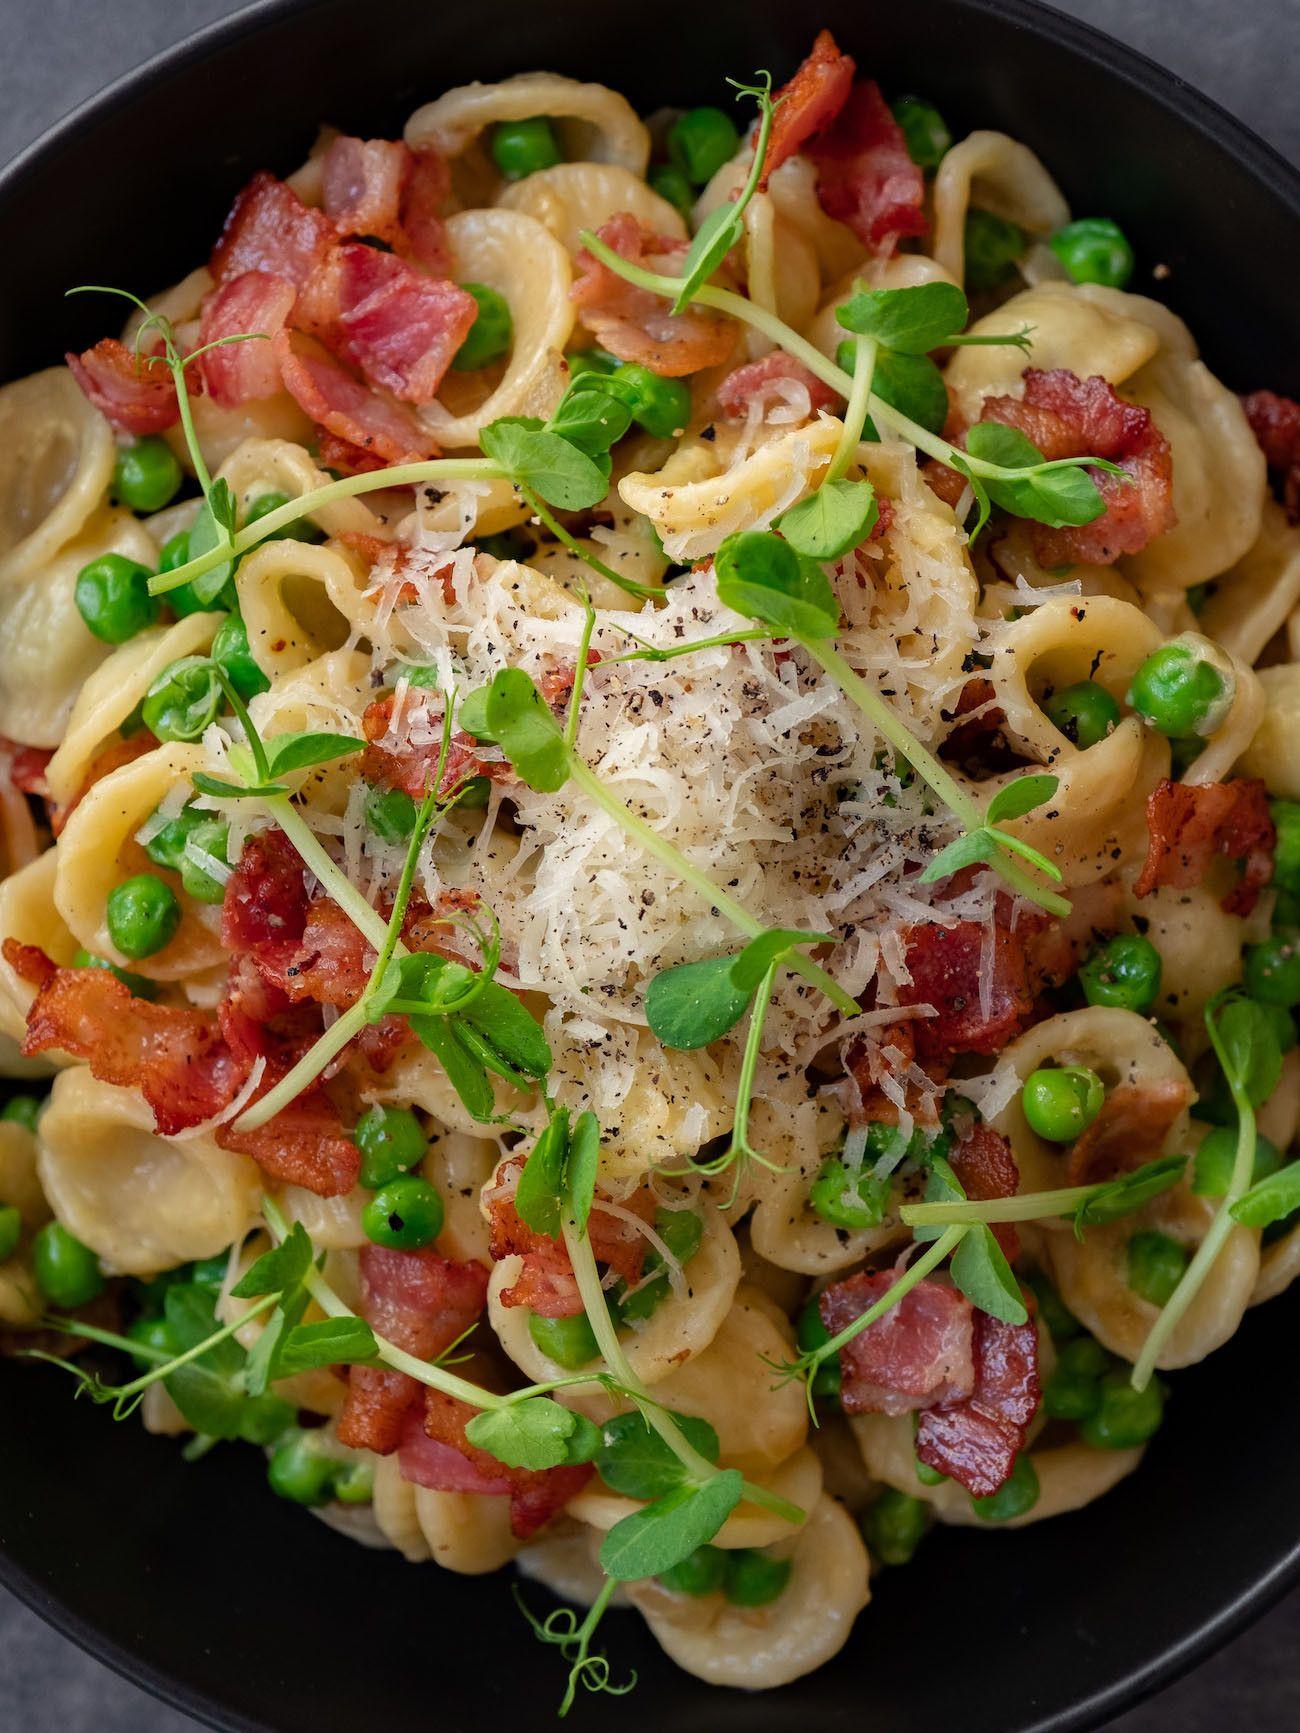 About Fuel, Foodblog, Rezept, Orecchiette mit Erbsen und Speck, Parmesan, Erbsensprossen, Pfeffer, Pasta